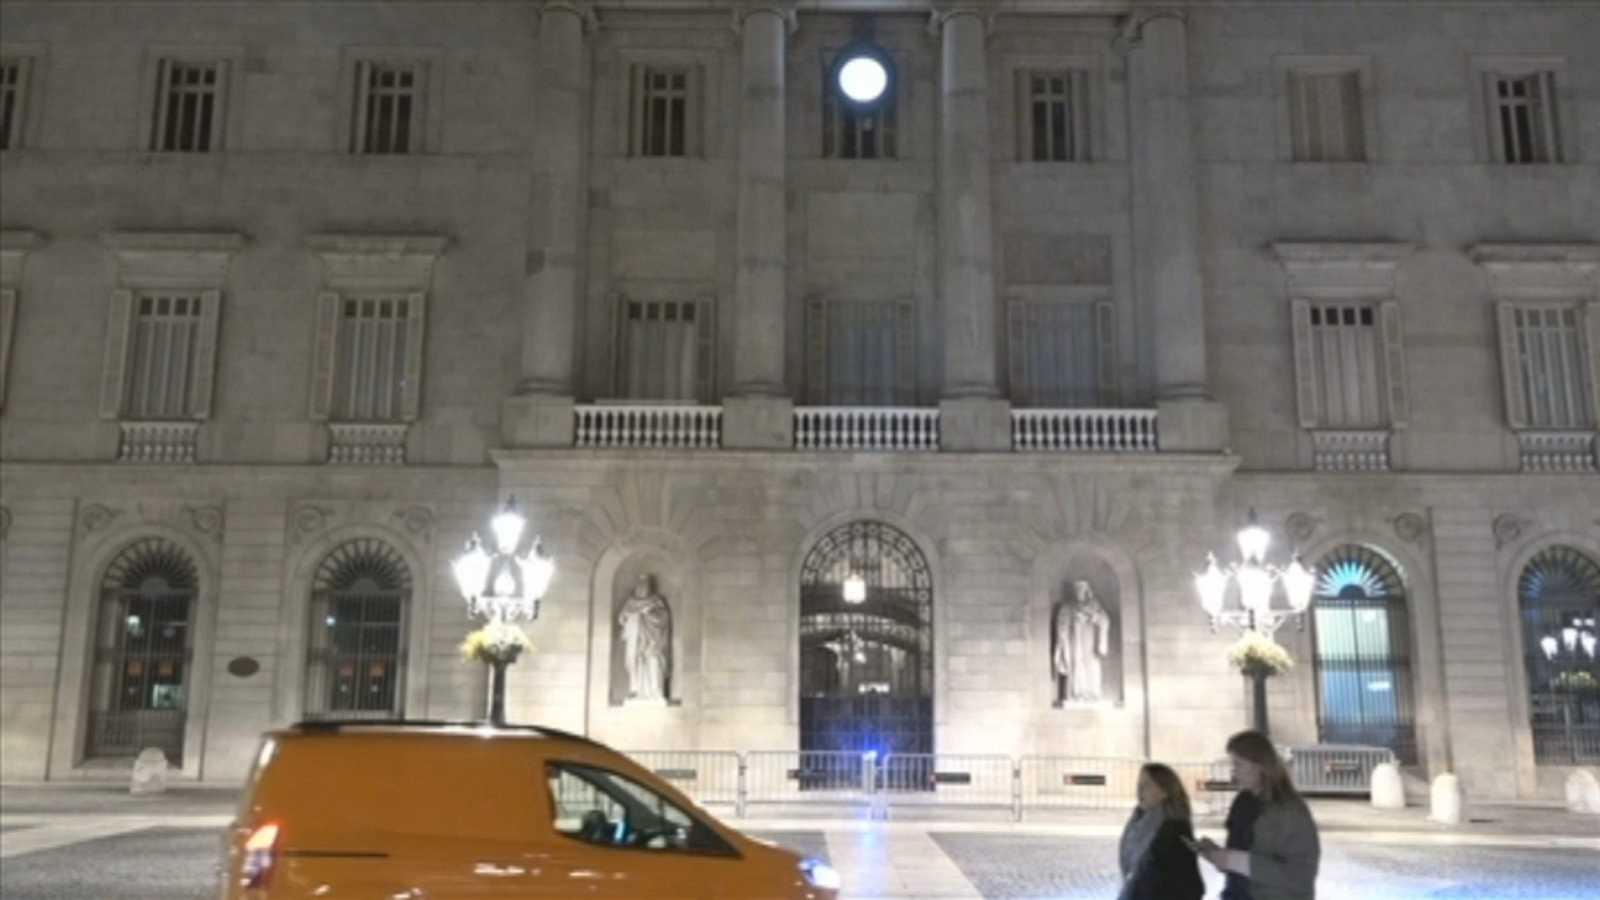 Imagen de la fachada del Ayuntamiento de Barcelona en la plaza Sant Jaume tras la decisión del consistorio de retirar el lazo amarillo atendiendo la orden de la Junta Electoral.